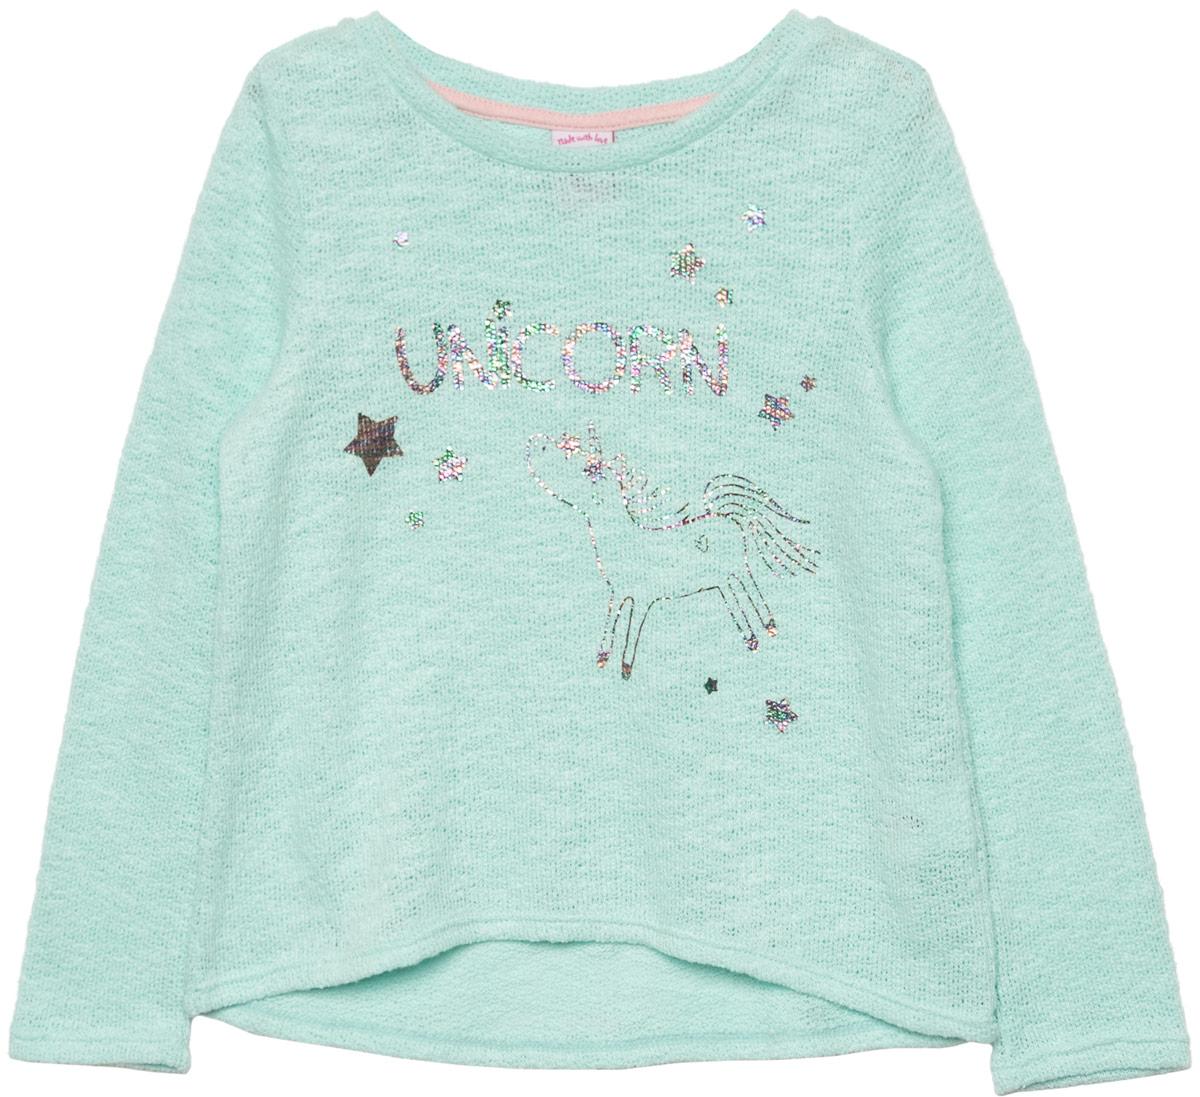 Джемпер для девочки Sela, цвет: светло-ментоловый. T-511/452-8110. Размер 116